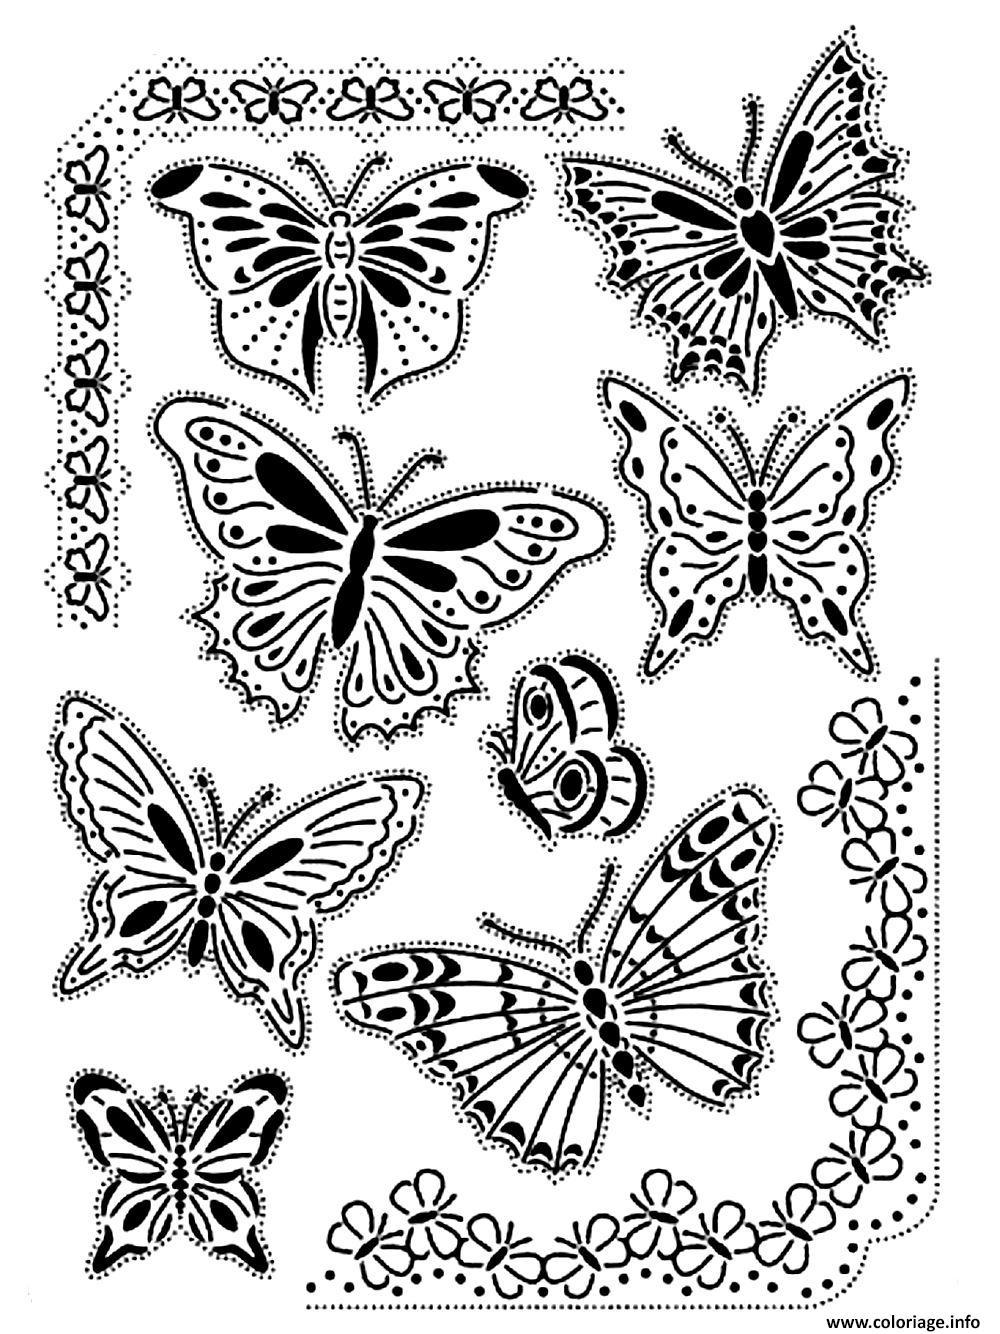 Coloriage Adulte Difficile Papillons Vintage Dessin intérieur Dessin Papillon À Colorier